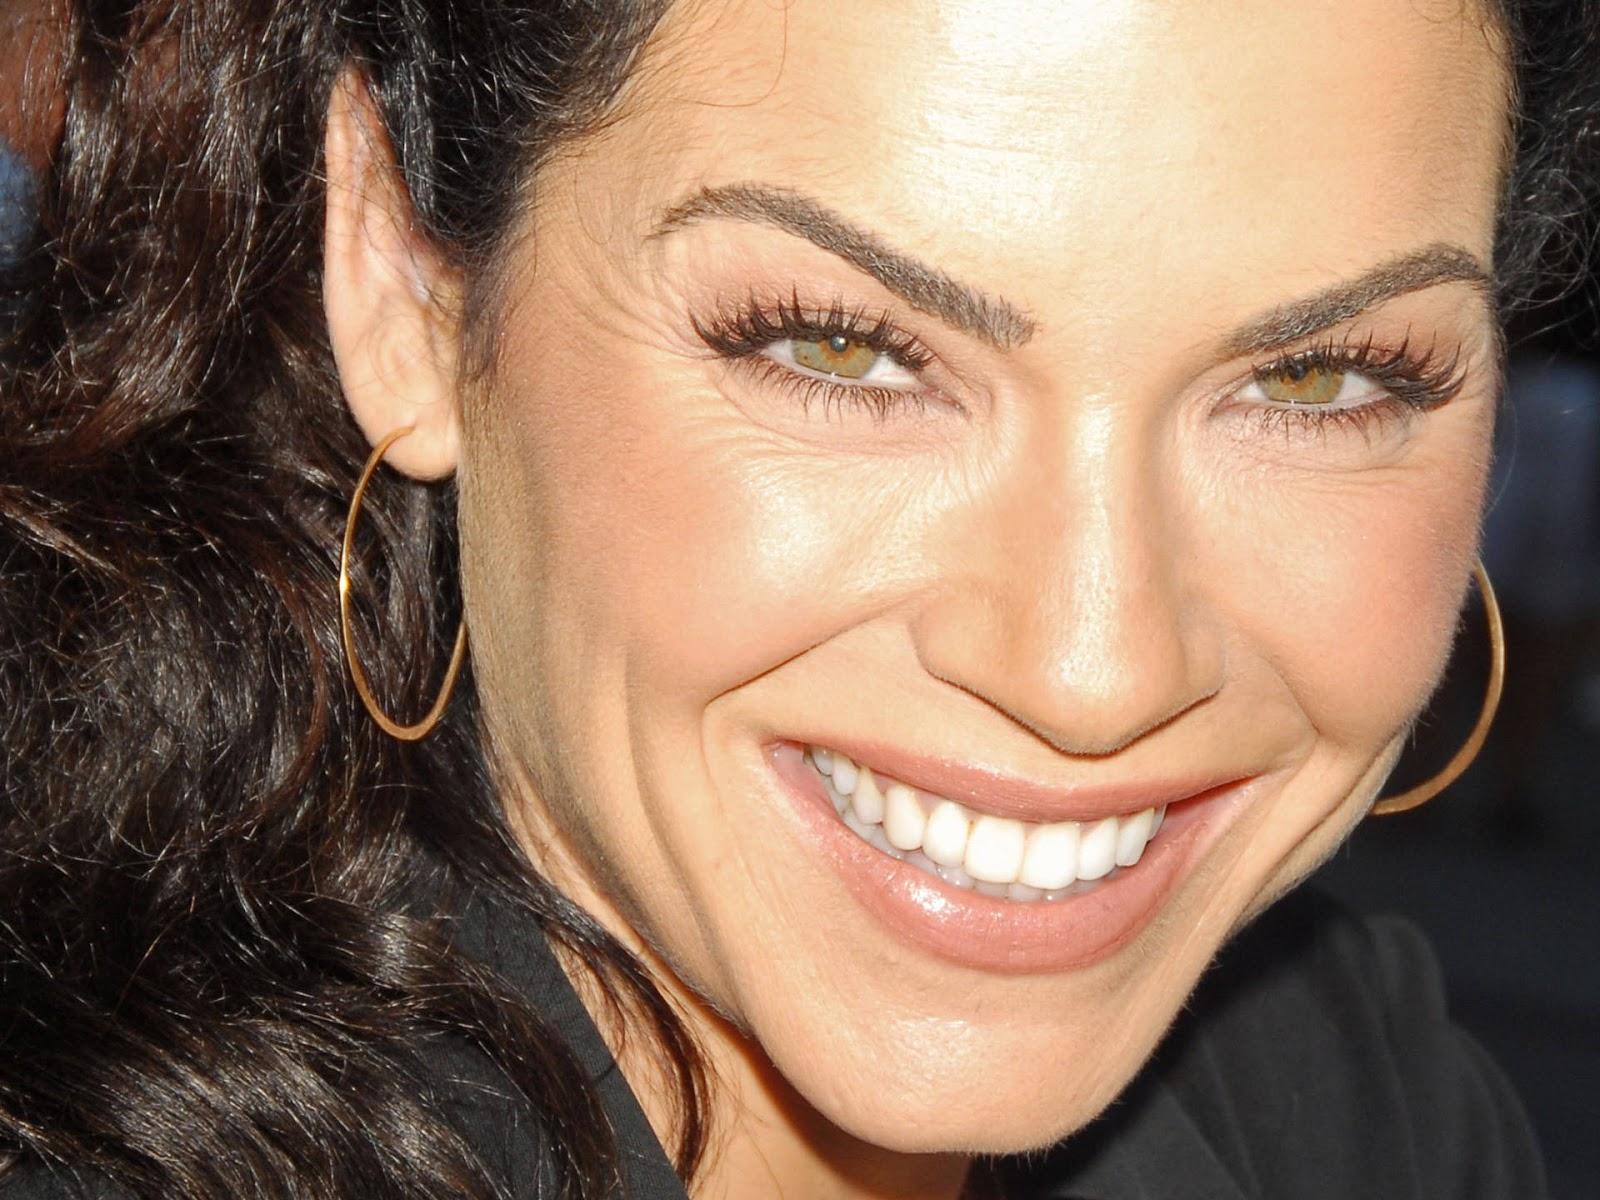 http://3.bp.blogspot.com/--zf_4SVB7vI/ULDQrVMneaI/AAAAAAAAAI0/JhGL5T_OmhQ/s1600/Julianna-Margulies-facelift.jpg